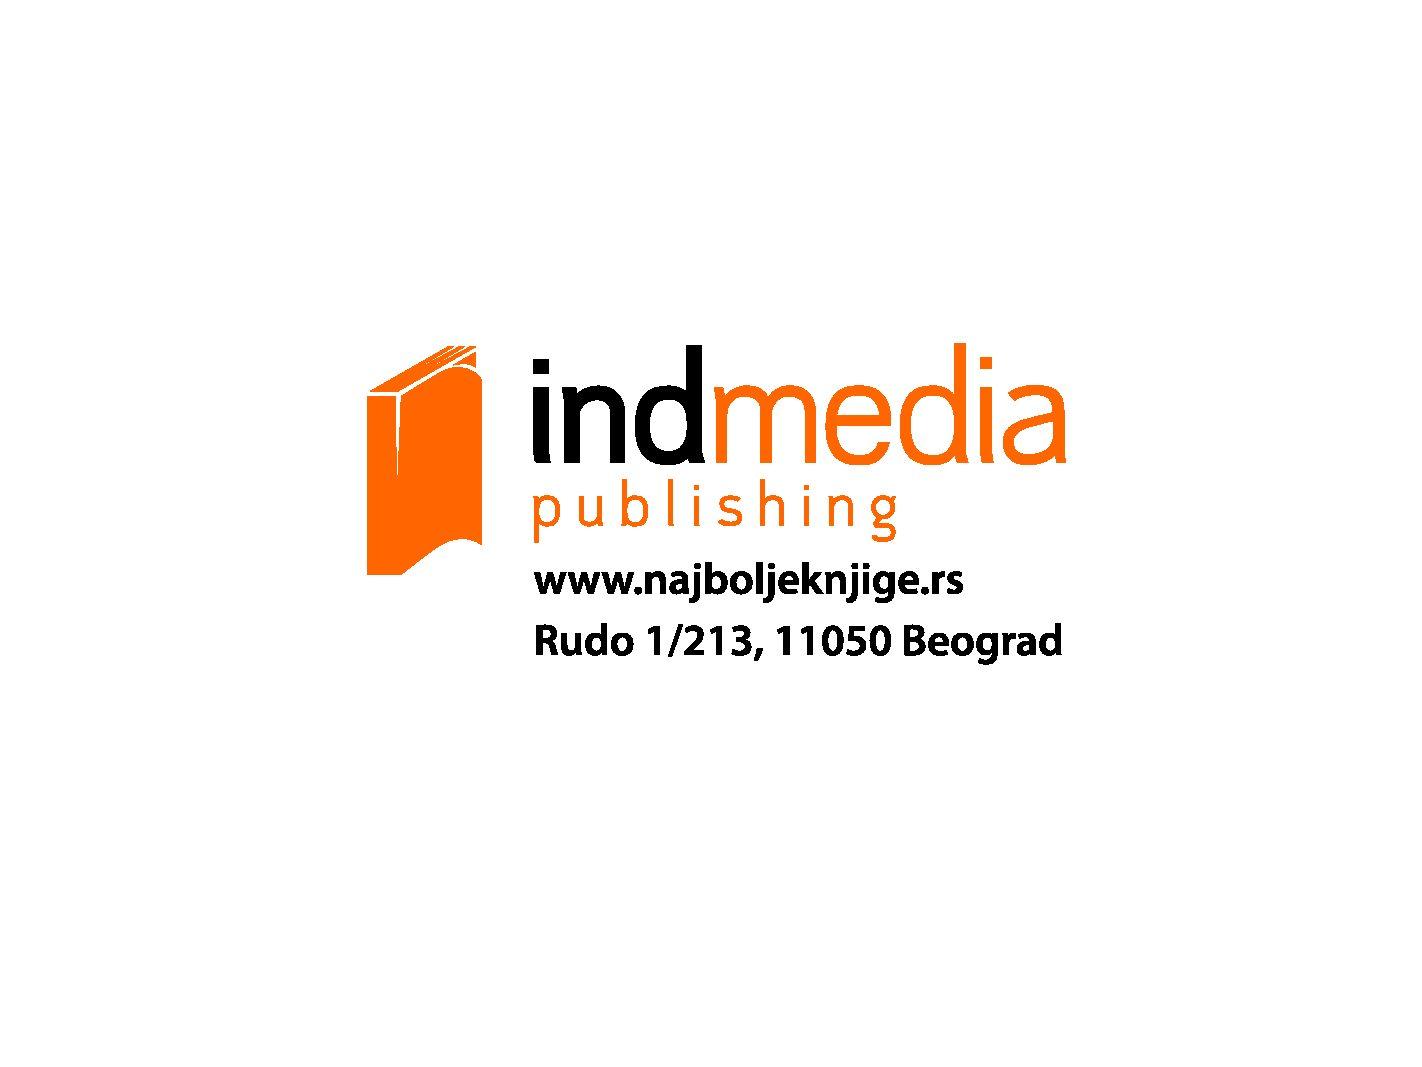 IND MEDIA PUBLISHING